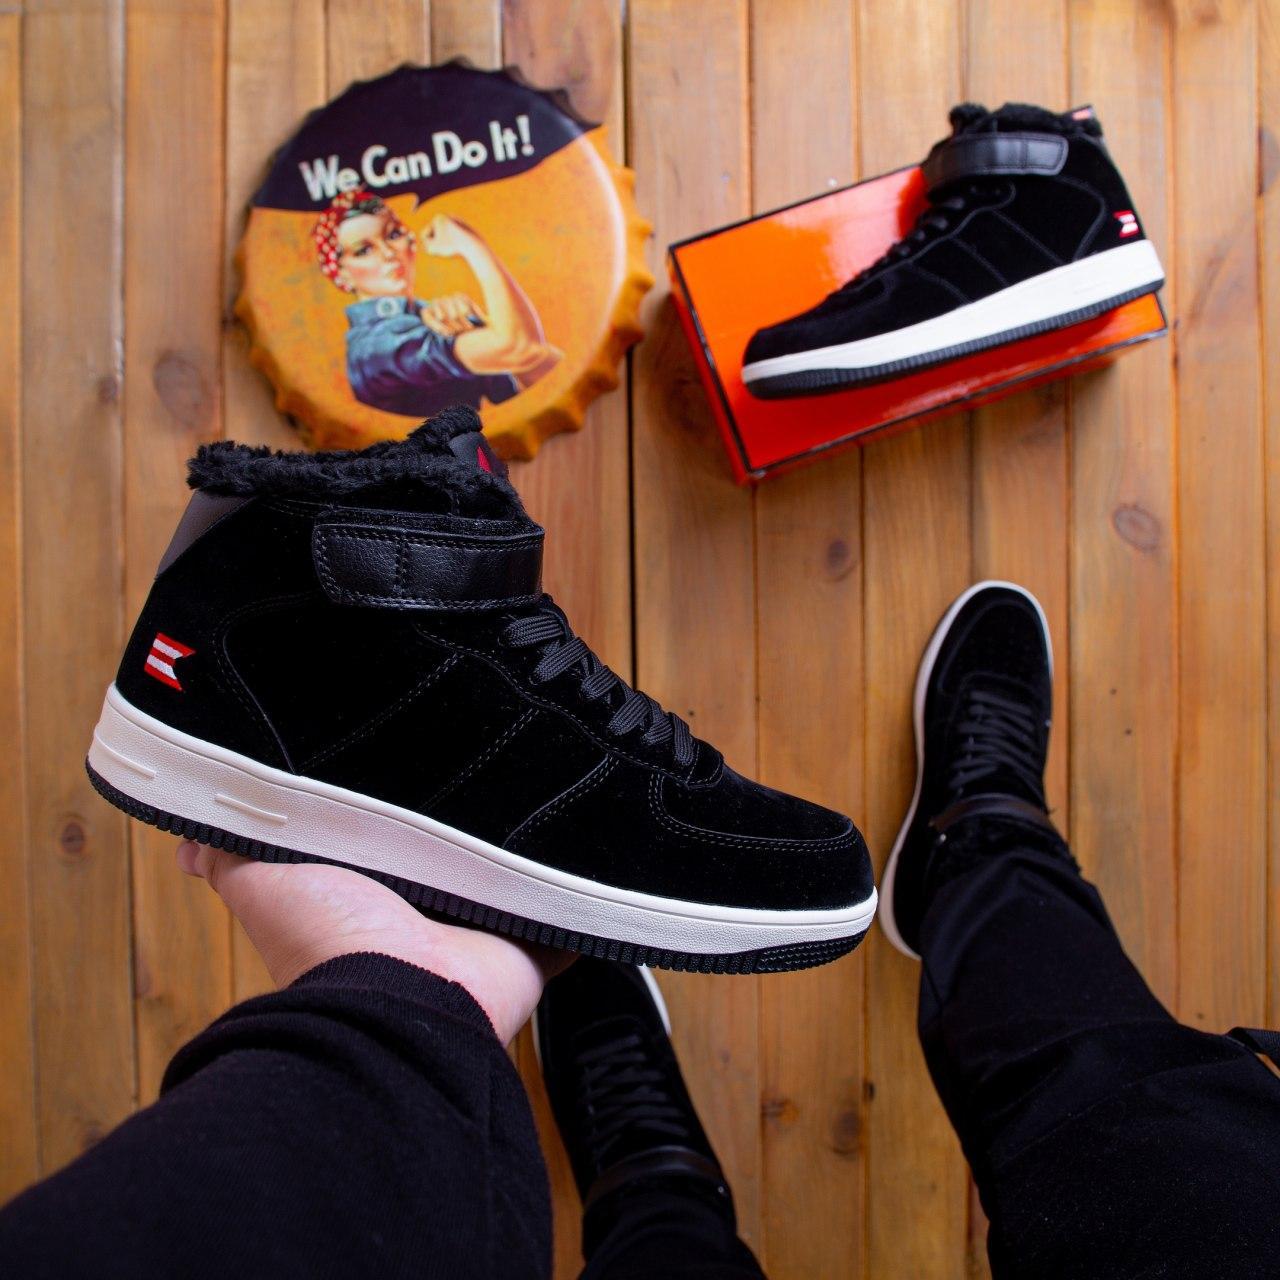 Мужские ботинки Стилли Белт Pobedov (черные с белой подошвой) 41